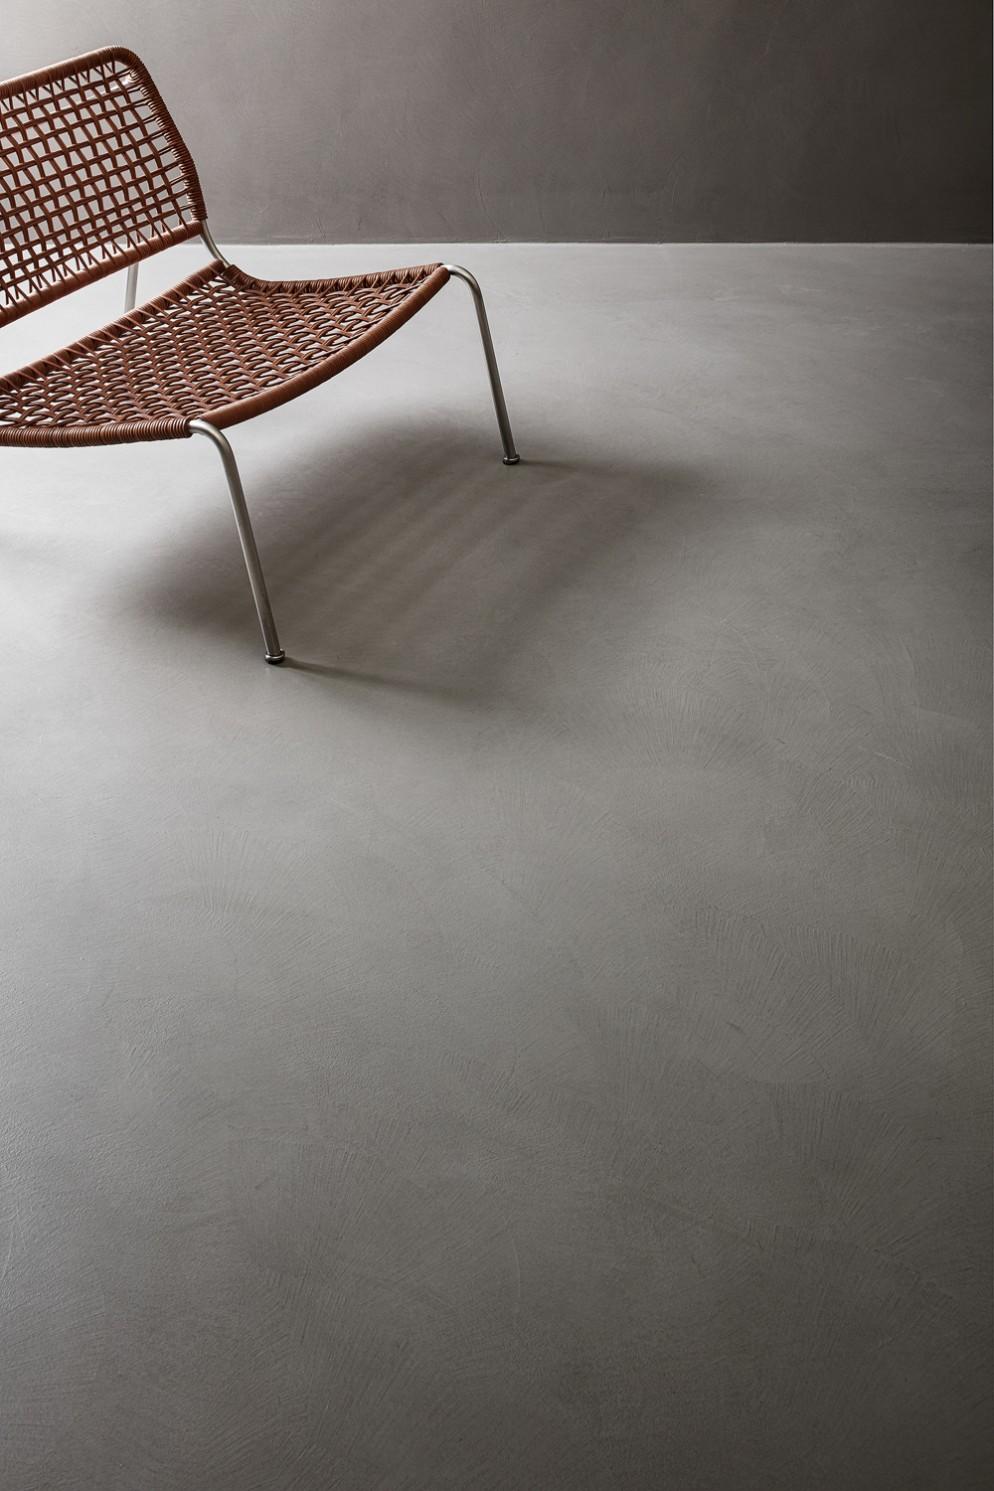 microcemento Kerakoll Warm Collection di _Cementoresina e Cementoresina  Wall_Ph. © Thomas Pagani03